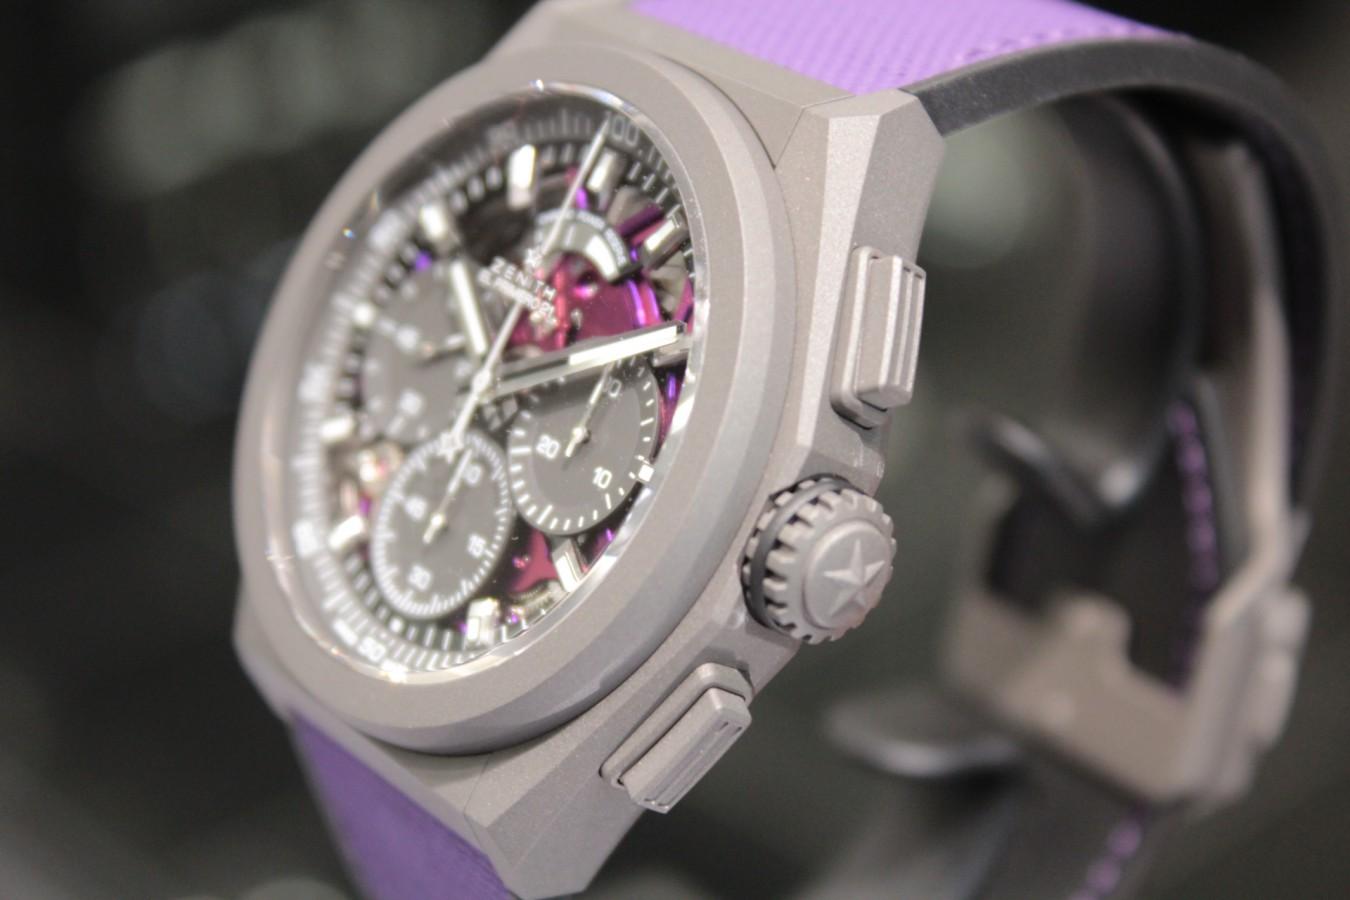 IMG_4810 紫色が美しい!2020年新作「デファイ エル・プリメロ21 ULTRA VIOLET」入荷しました!! - DEFY